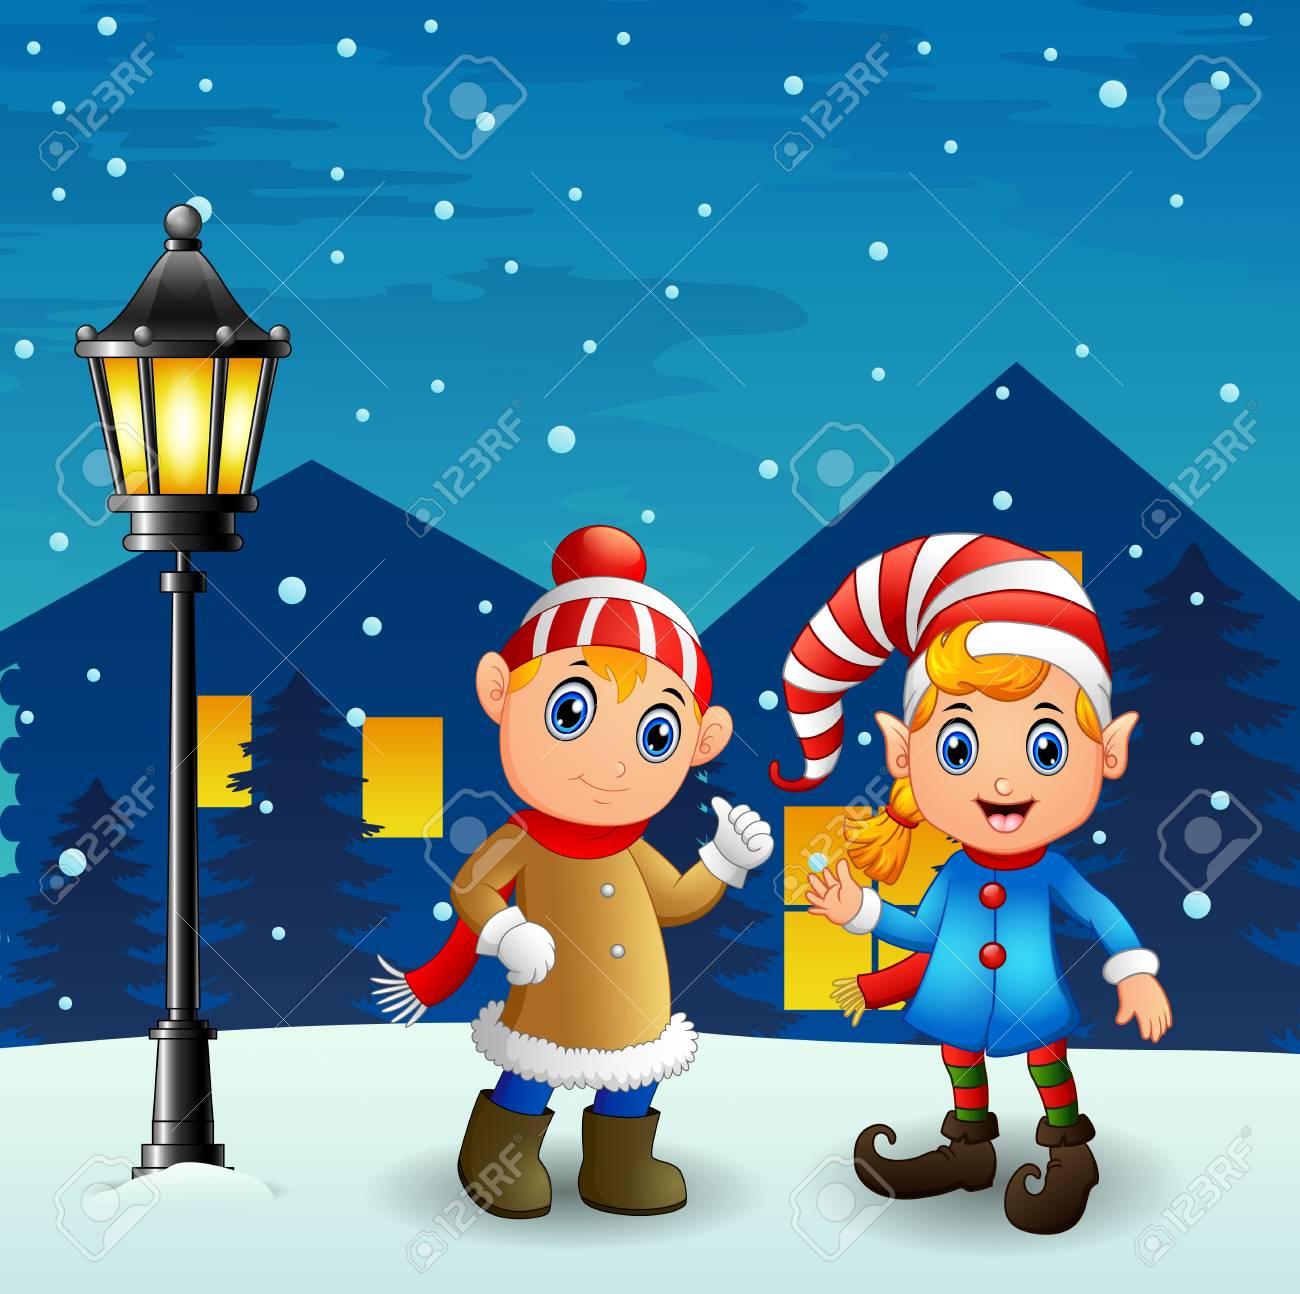 夜背景で落ちる雪とクリスマス エルフ カップルのベクトル イラスト